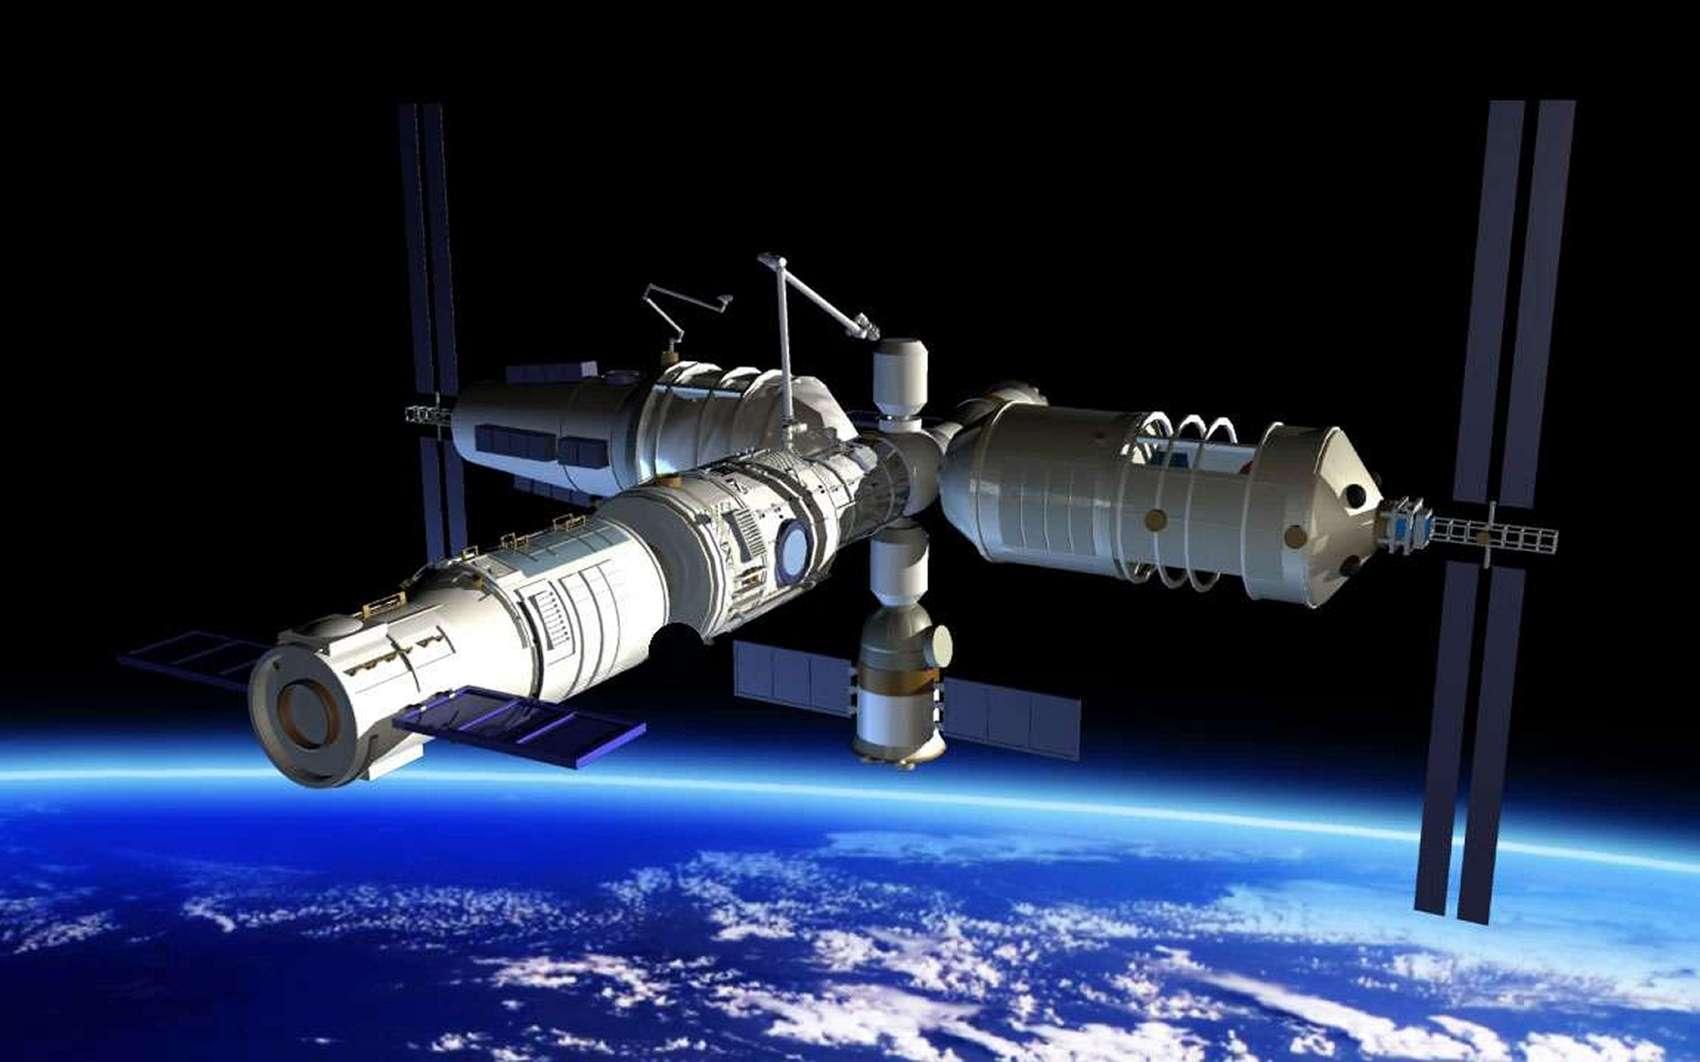 Tian Gong, la station spatiale chinoise, pourra accueillir jusqu'à six personnes. Elle sera occupée en permanence par un équipage de trois « taïkonautes ». © CMSA